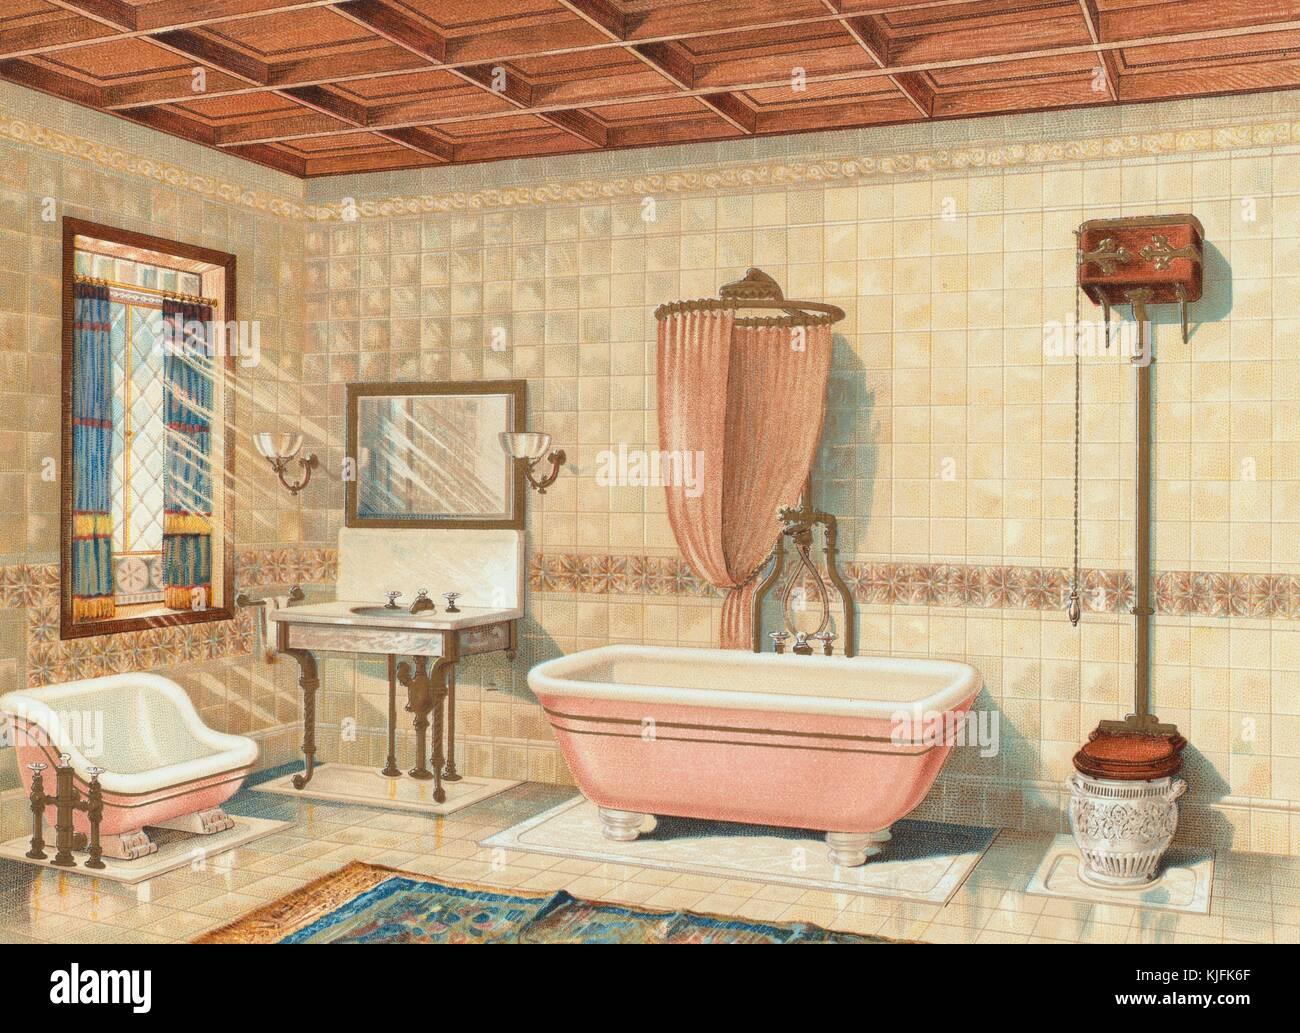 Una illustrazione dalla mott iron works catalogo il bagno ha